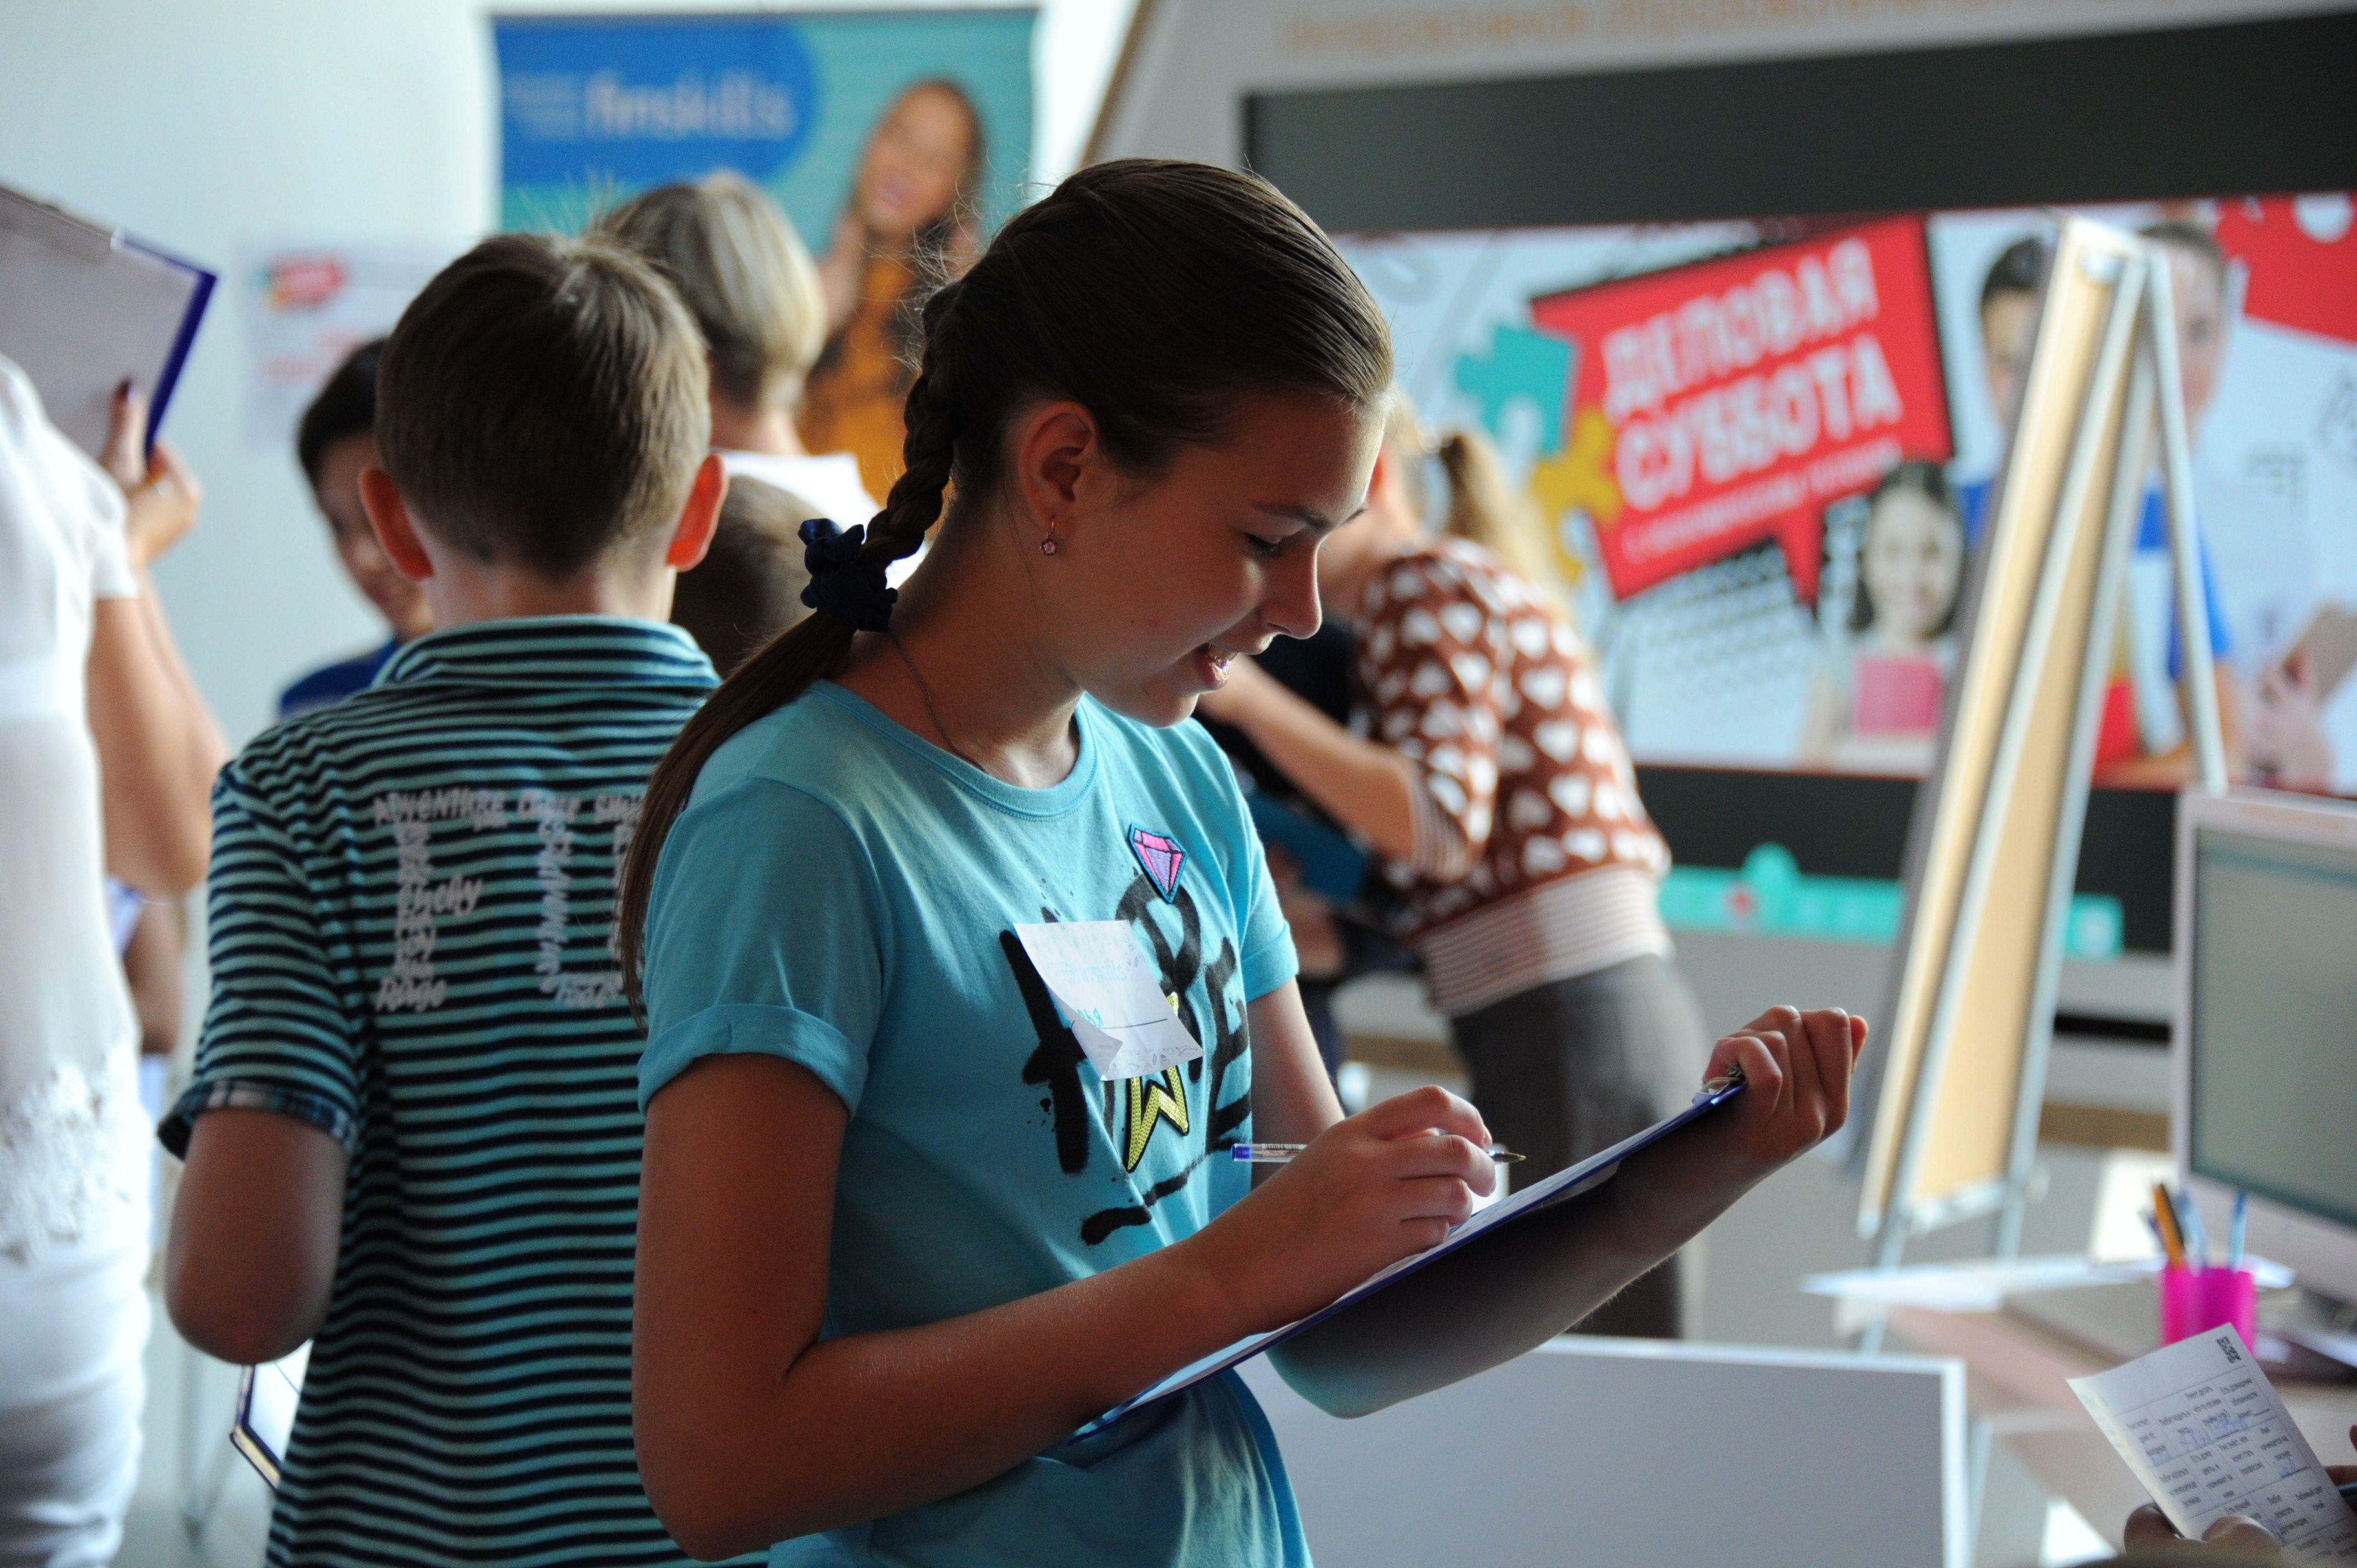 Московских школьников пригласили на бизнес-лекции ВДНХ